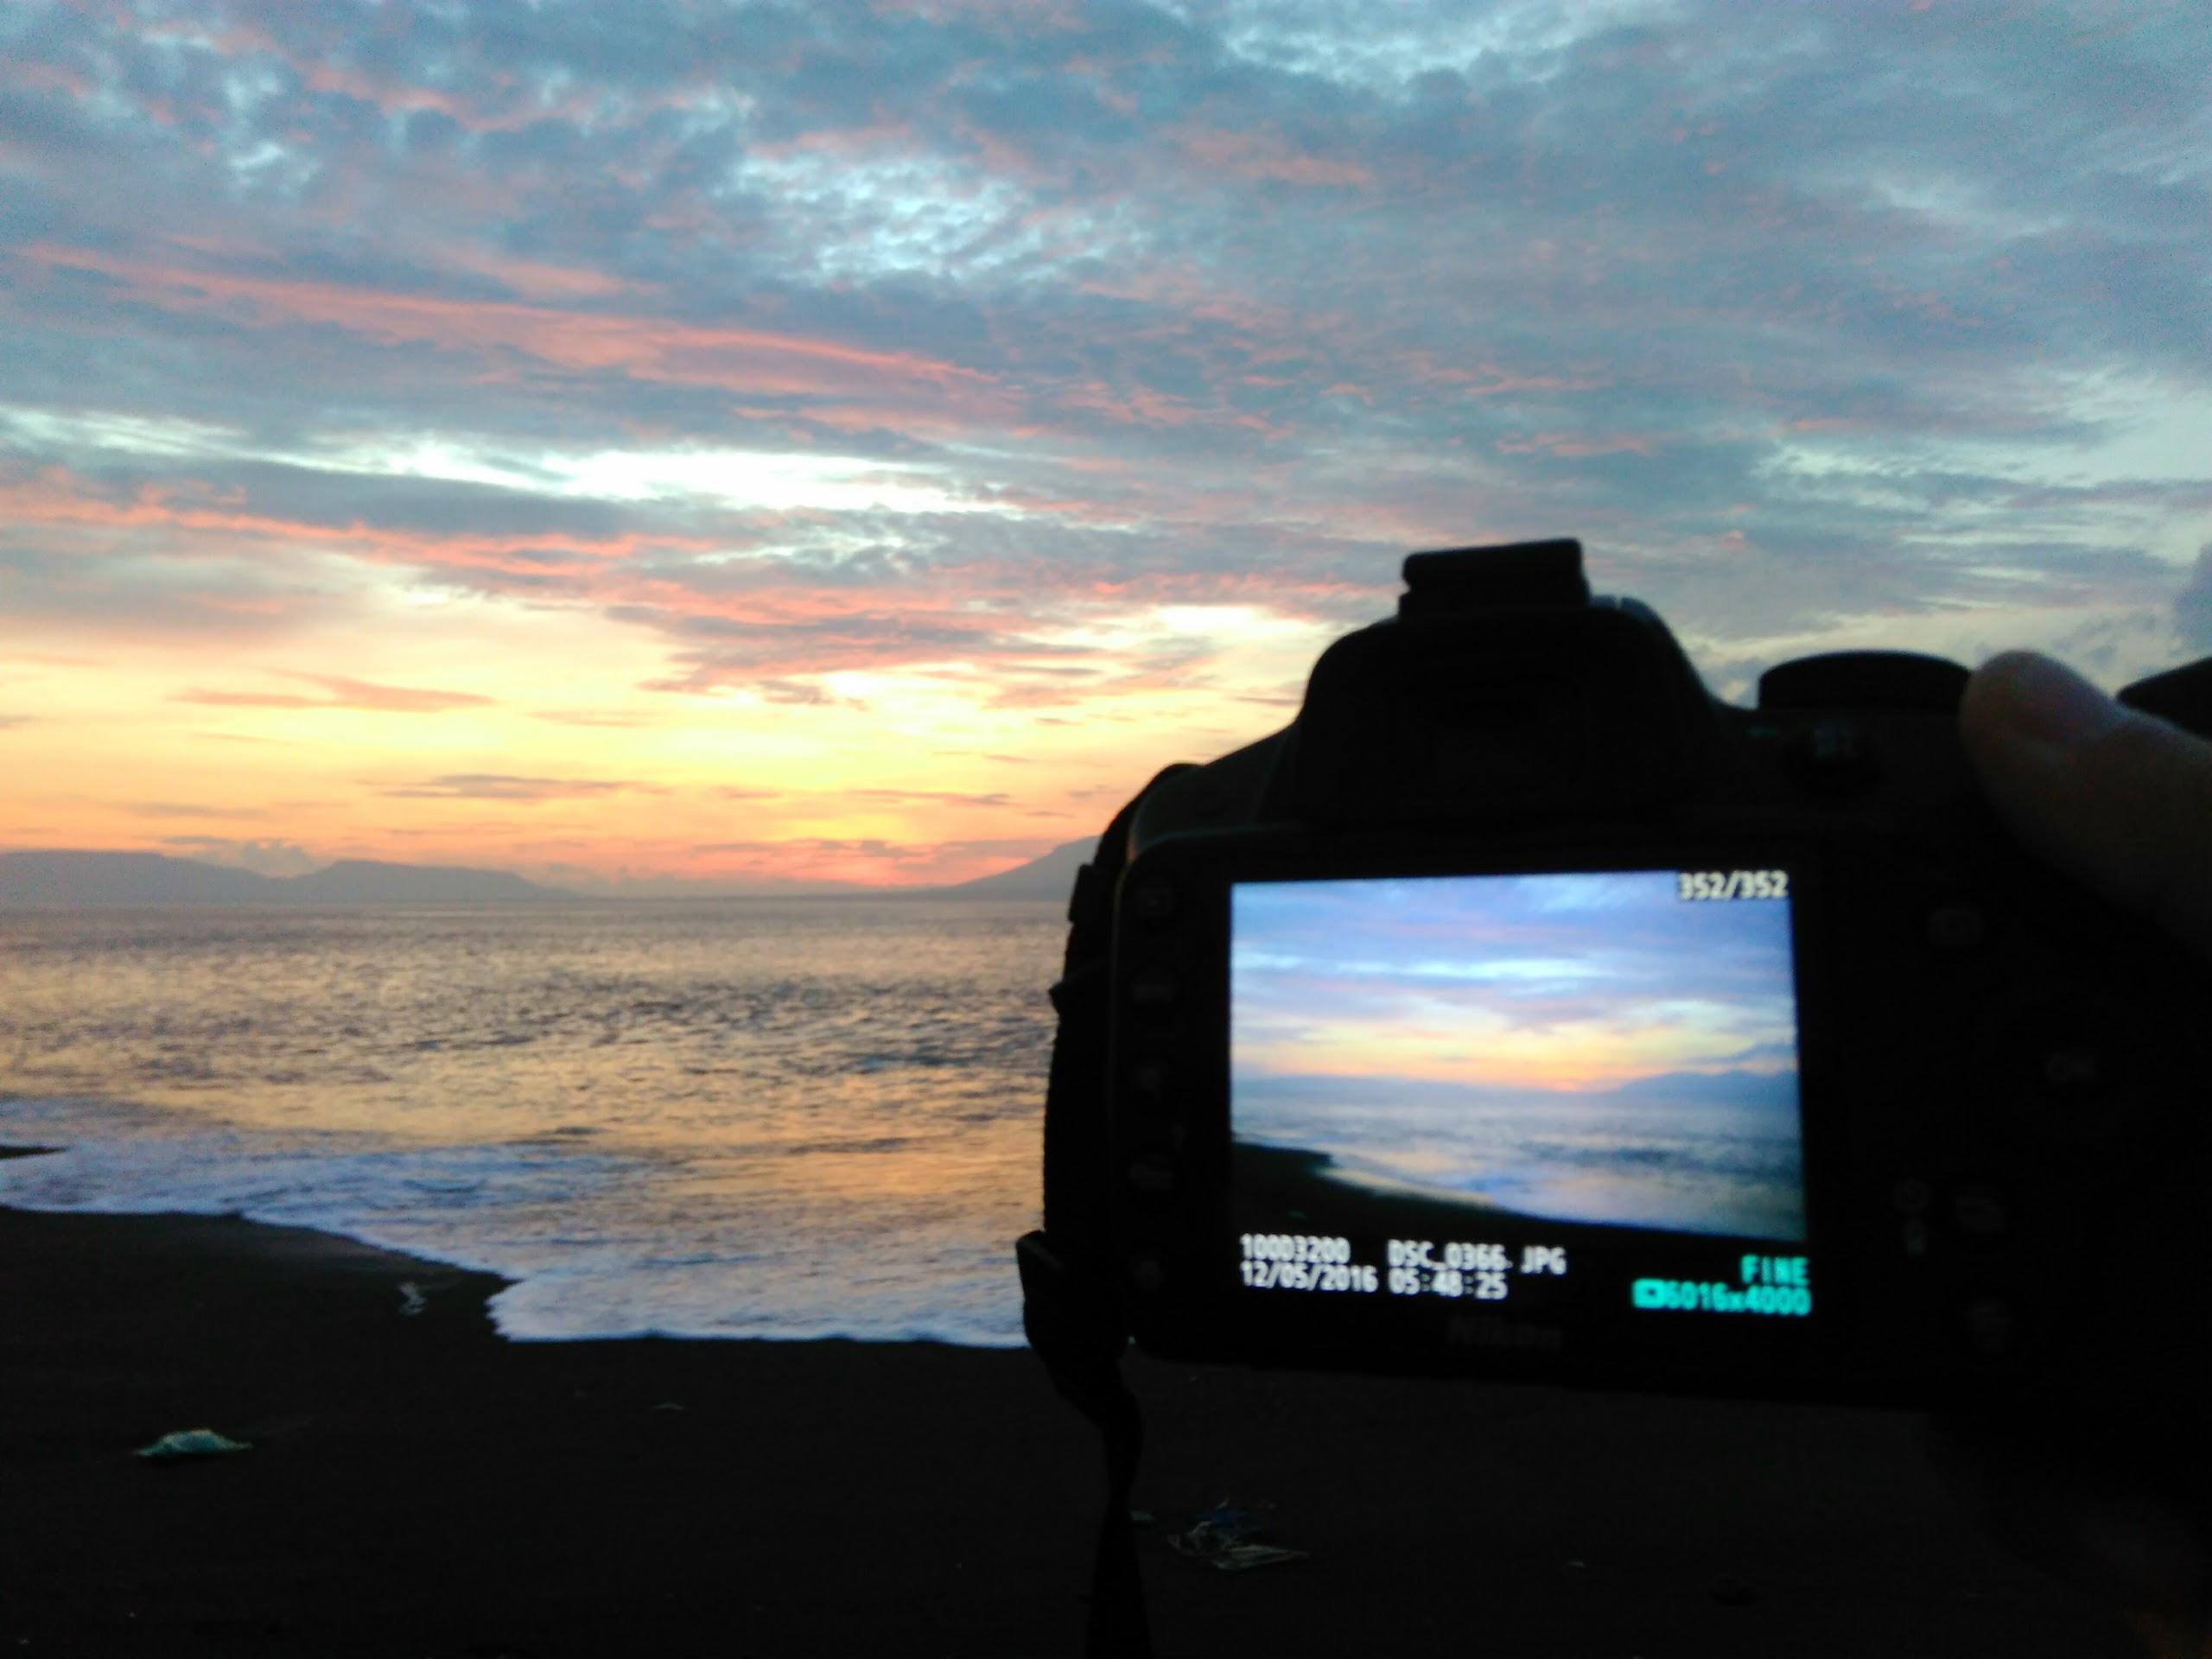 Menyapa Kecantikan Sunrise Pantai Boom Banyuwangi Tempat Bisa Digunakan Melihat